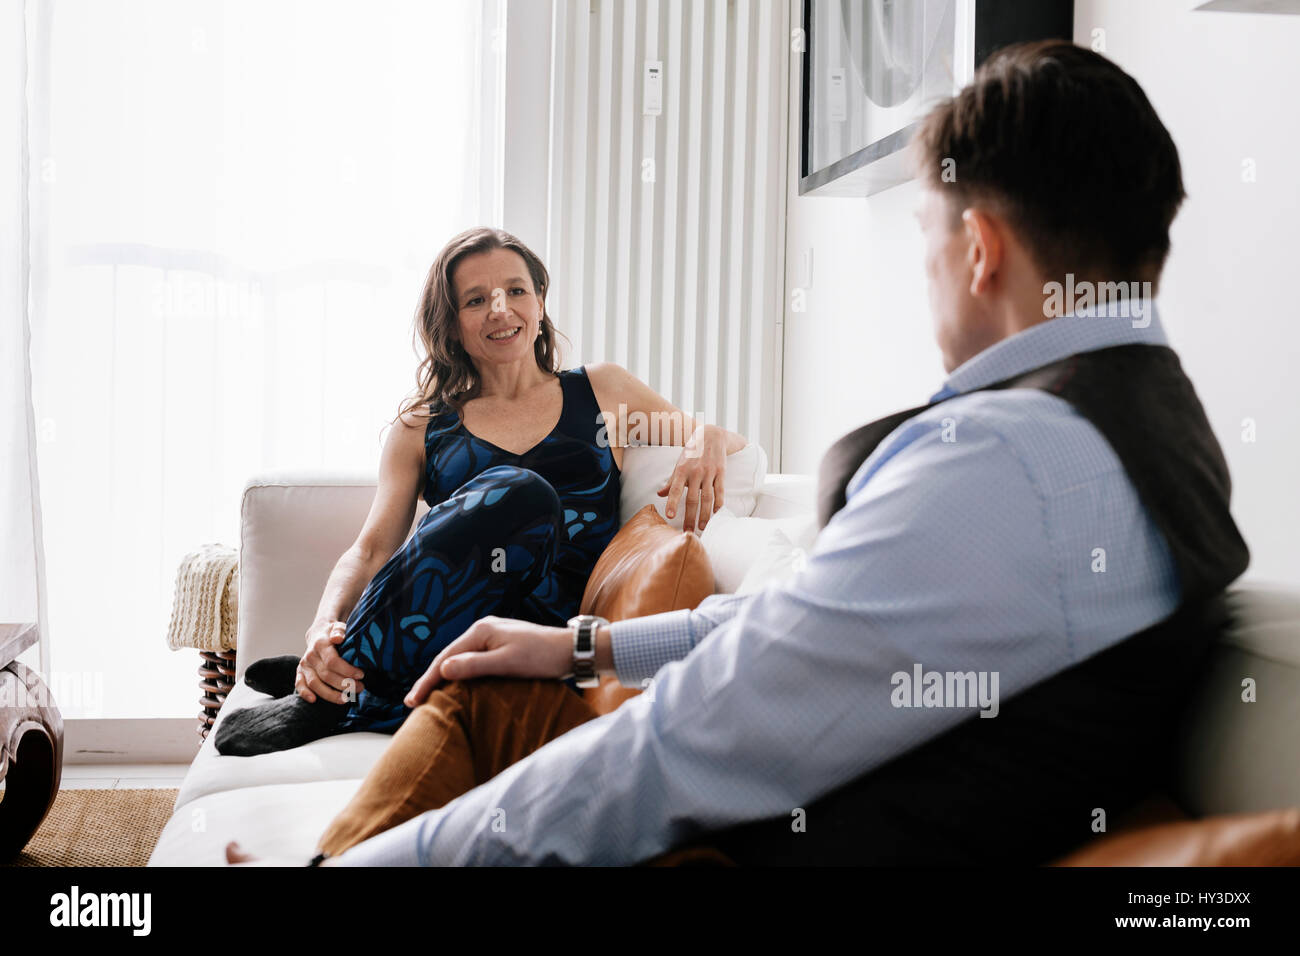 Deutschland, Paar sitzt auf einem Sofa Stockbild